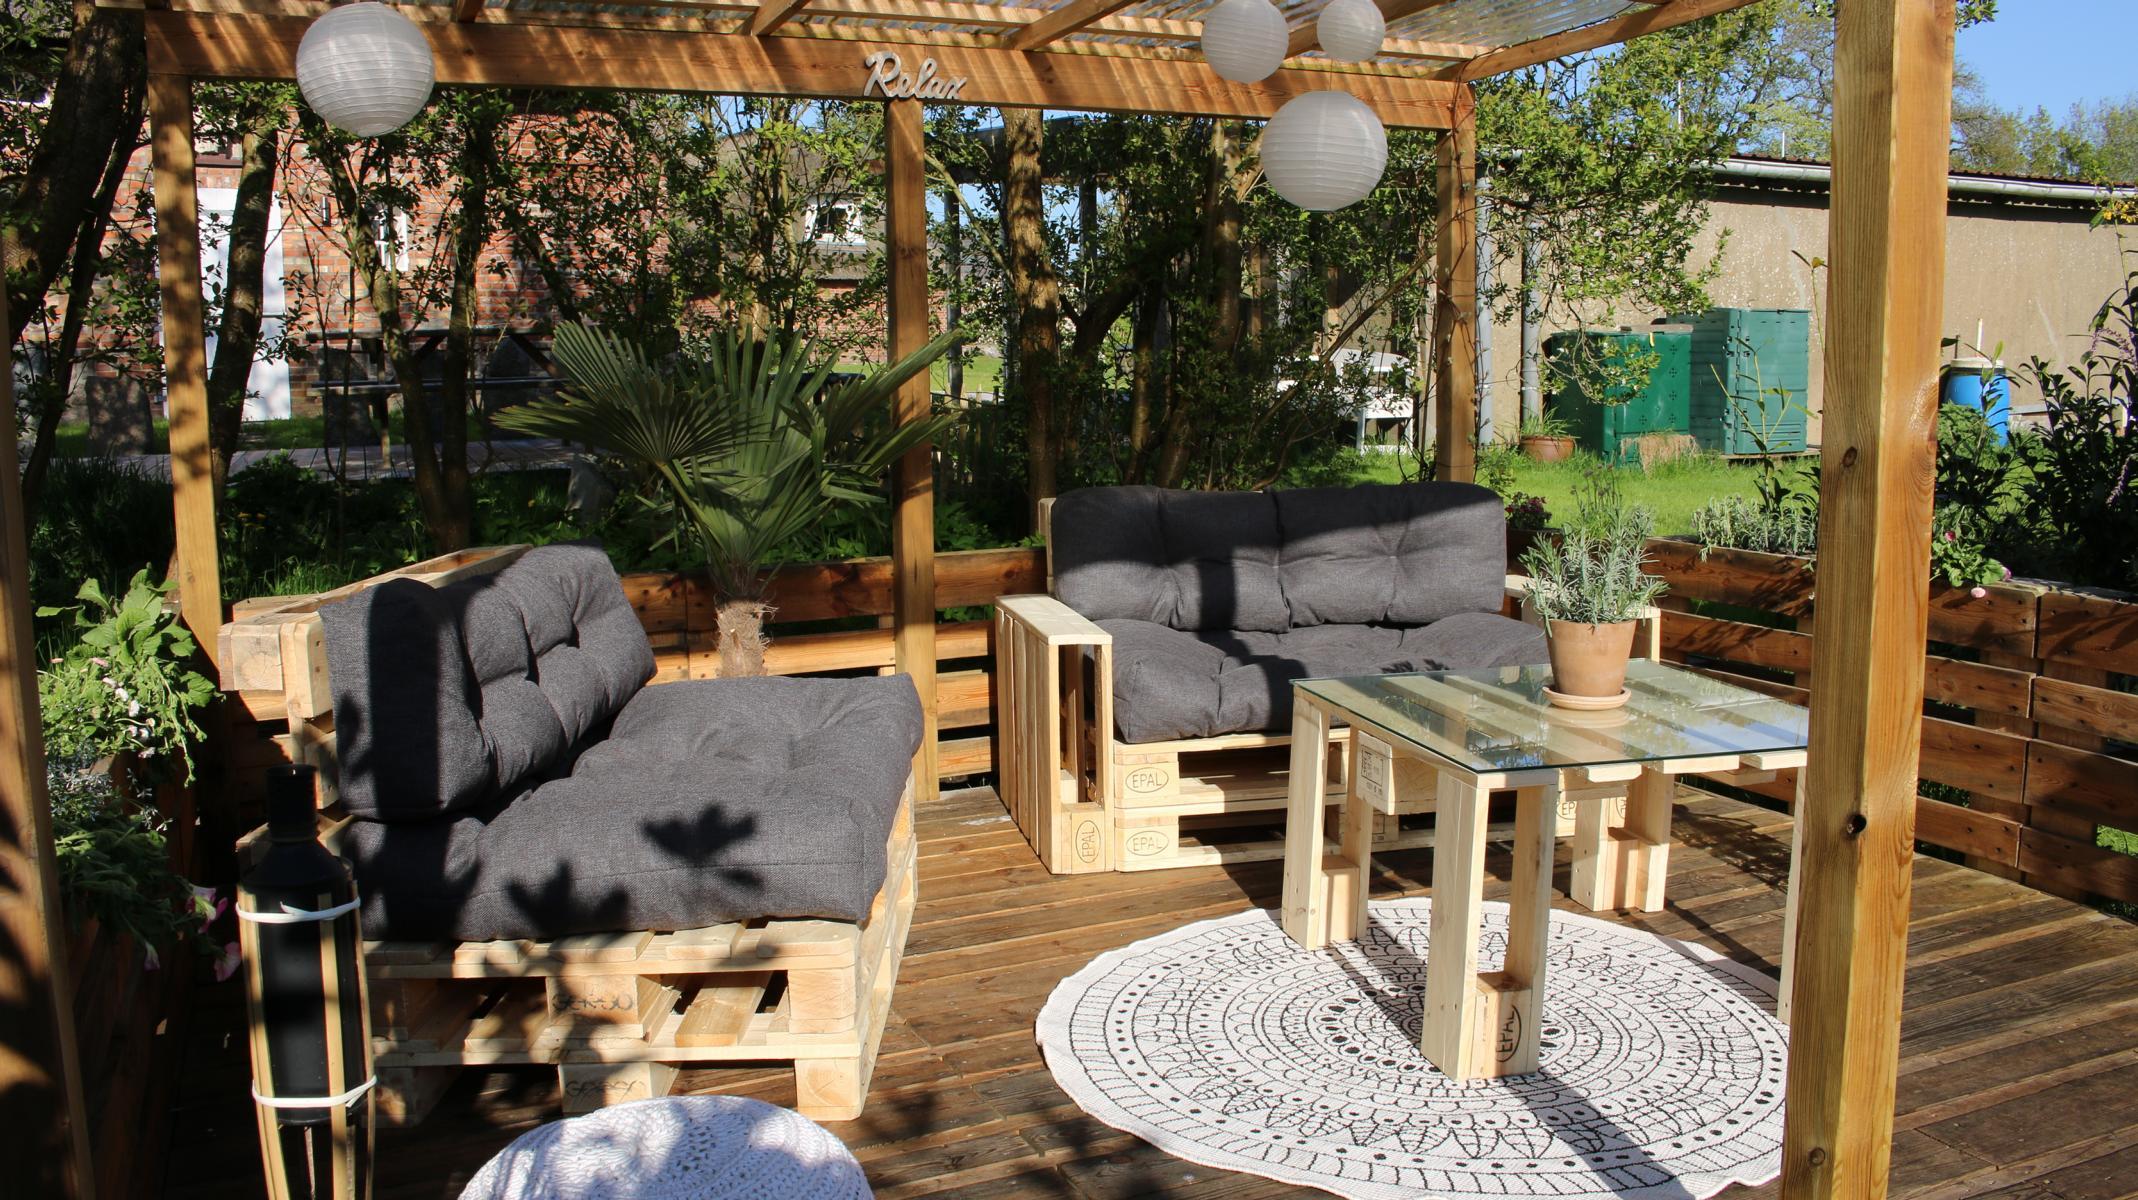 Terrasse aus paletten bauen hochbeet jeder kann n hen garten for Terrasse aus paletten bauen